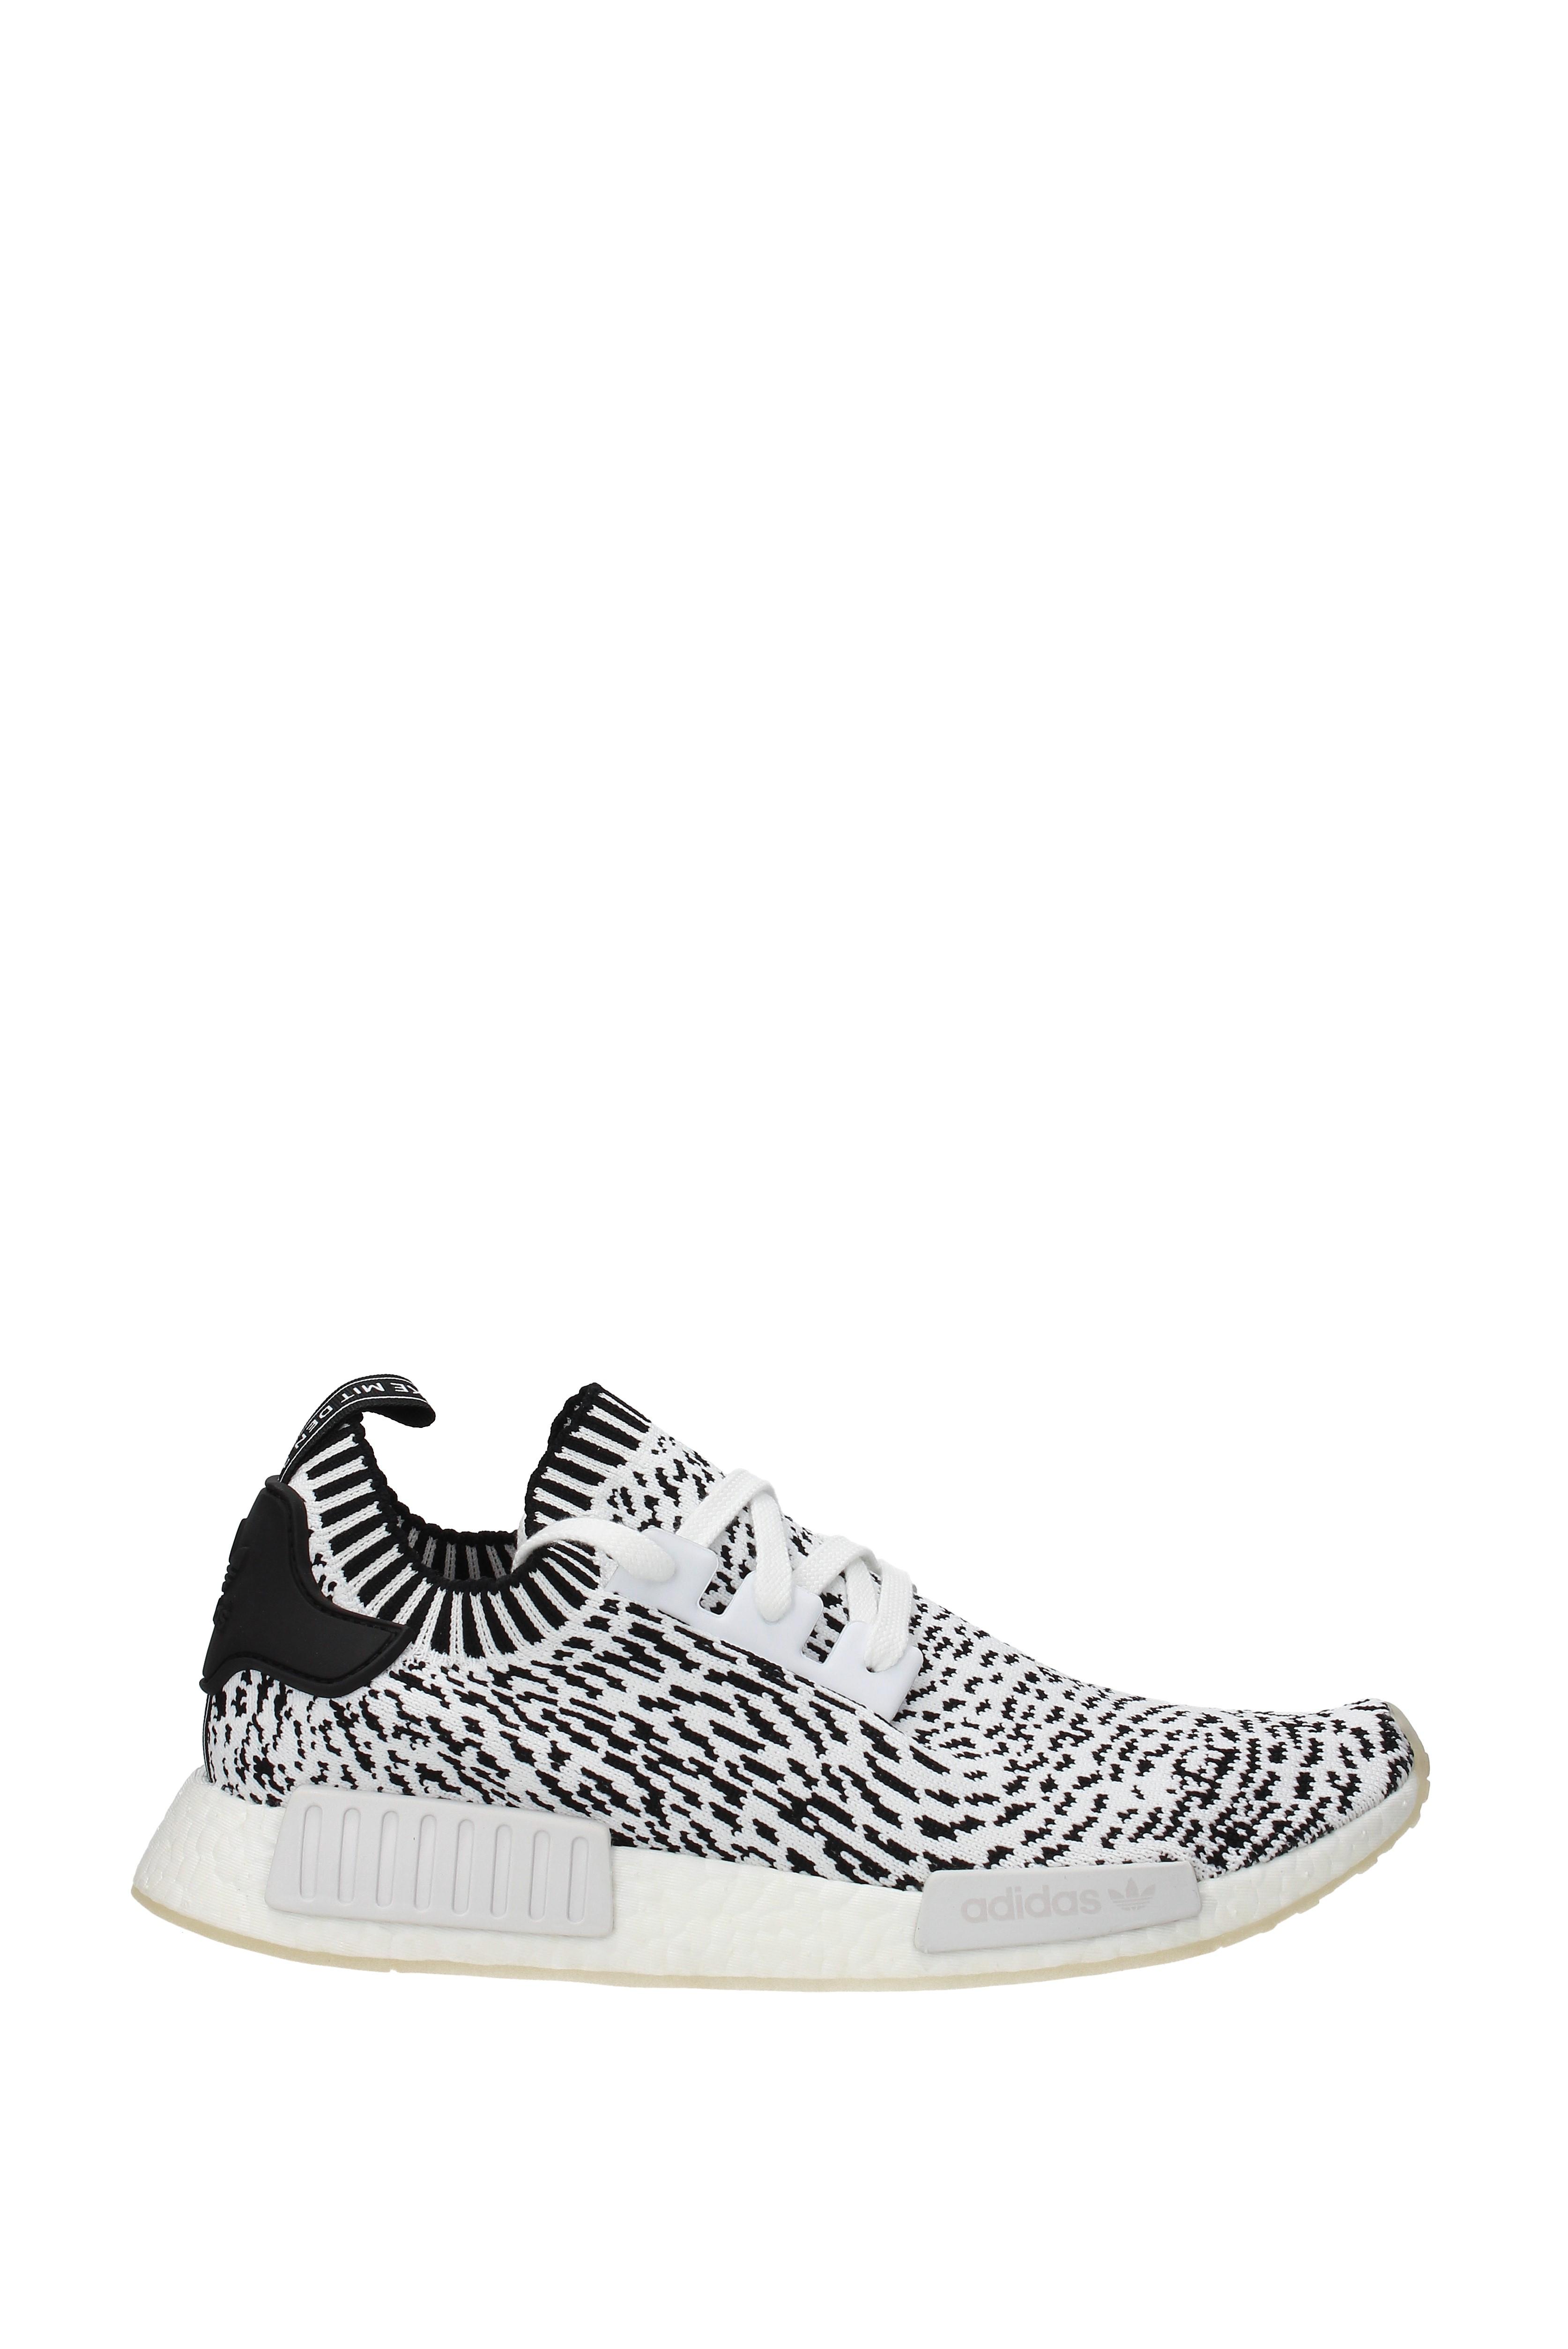 Sneakers Adidas nmd nmd nmd r1 pk Uomo - Tessuto (UOMOBZ021) | Valeur Formidable  8bdab1